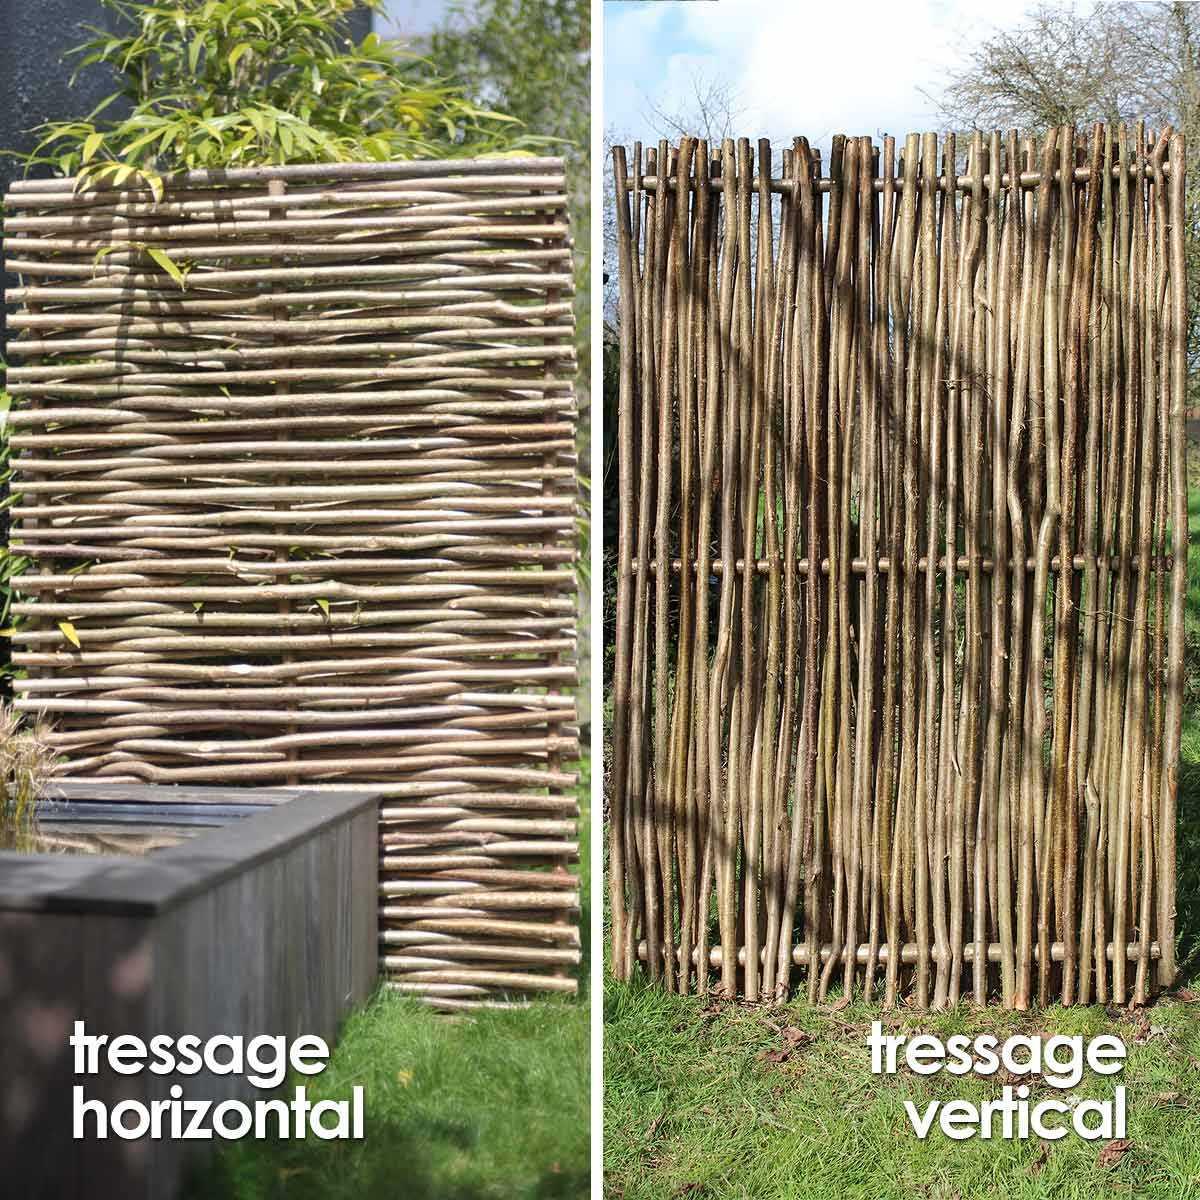 Panneau Noisetier Tressage Horizontal Ou Vertical avec Panneau En Bois Pour Jardin